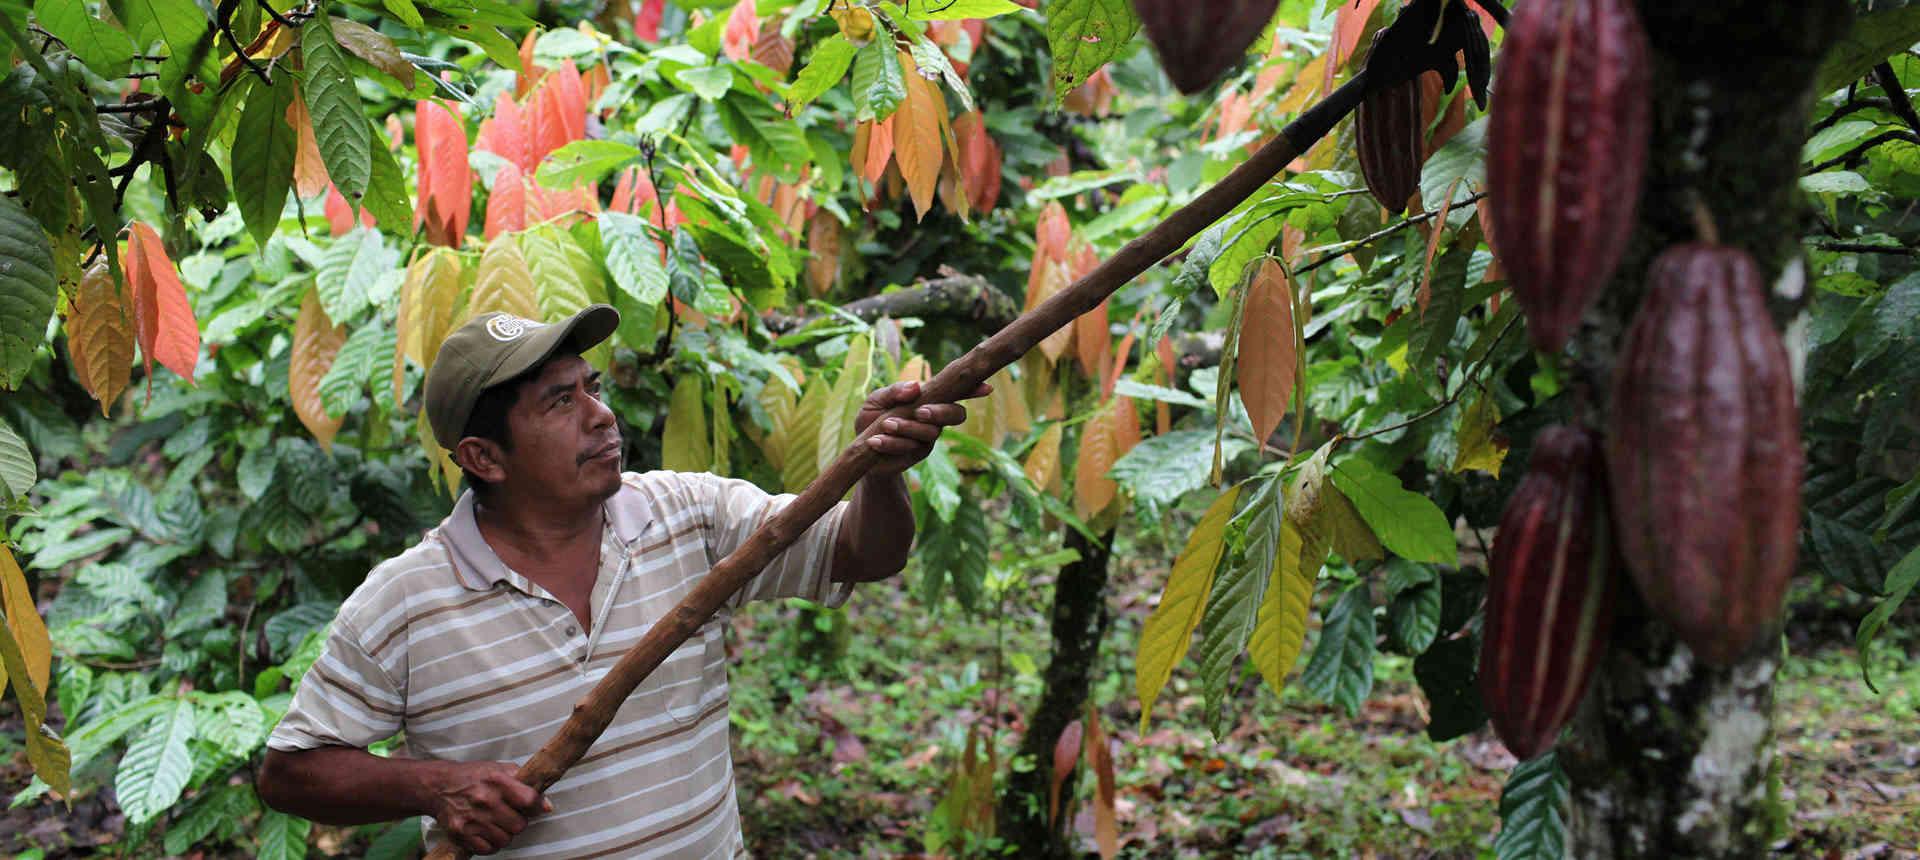 шоколадное дерево материк» width=